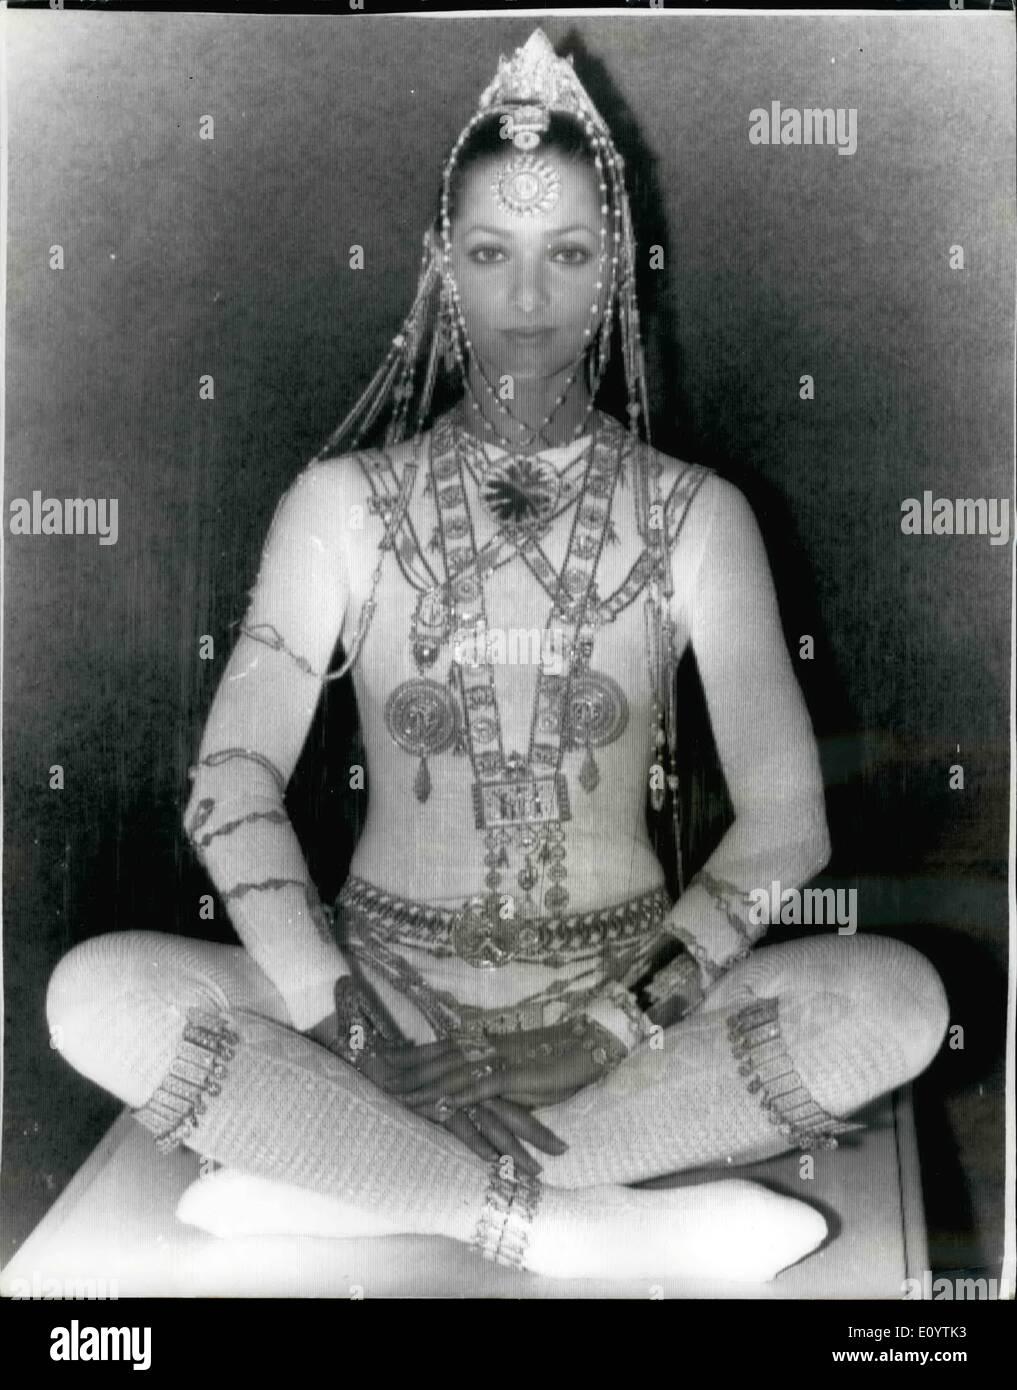 Giugno 06, 1971 - attrice svedese ornato in oro e gioielli per un valore di circa 50.000 attrice svedese, EVA SWANN, Foto Stock